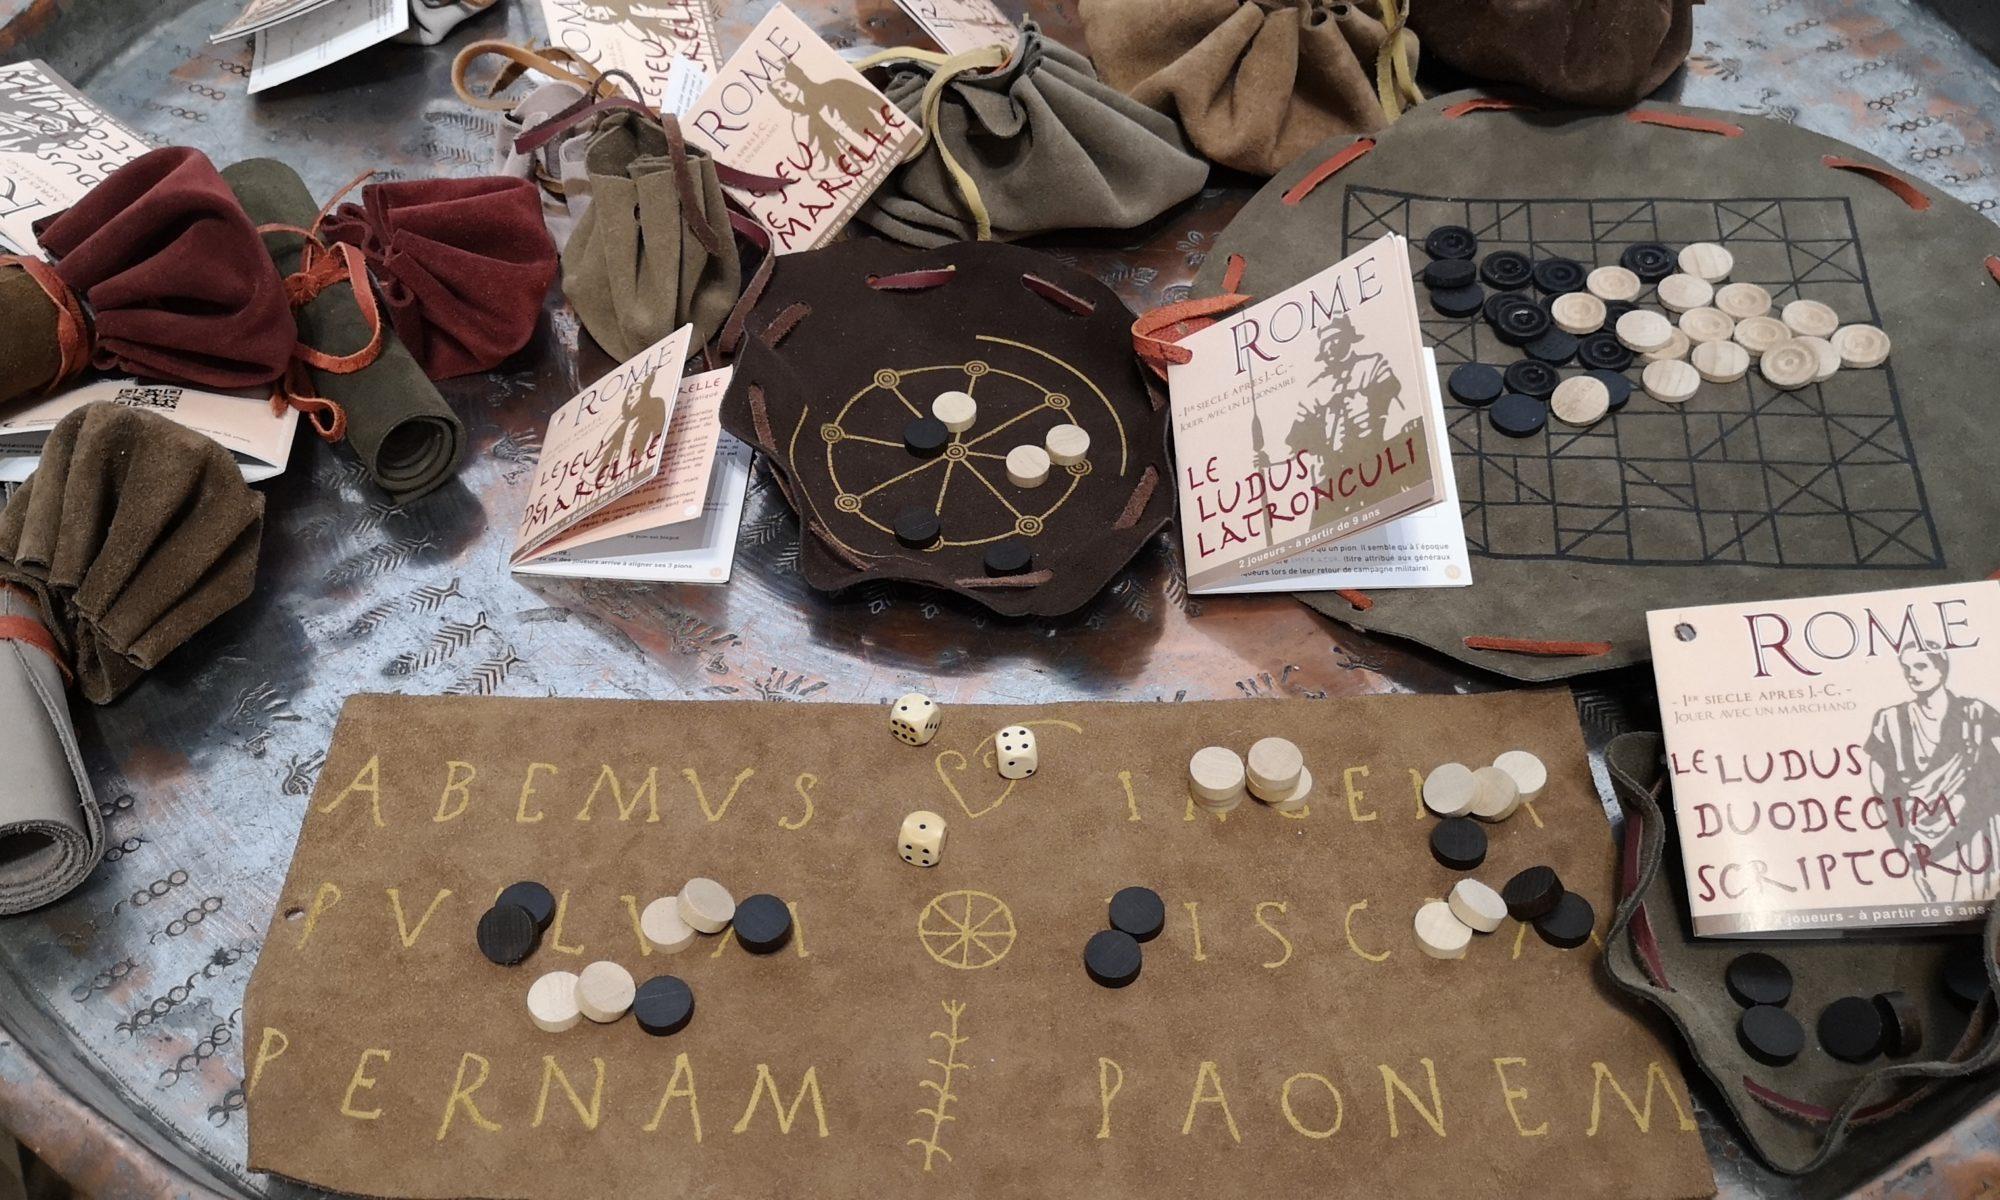 Jeux romains DNR